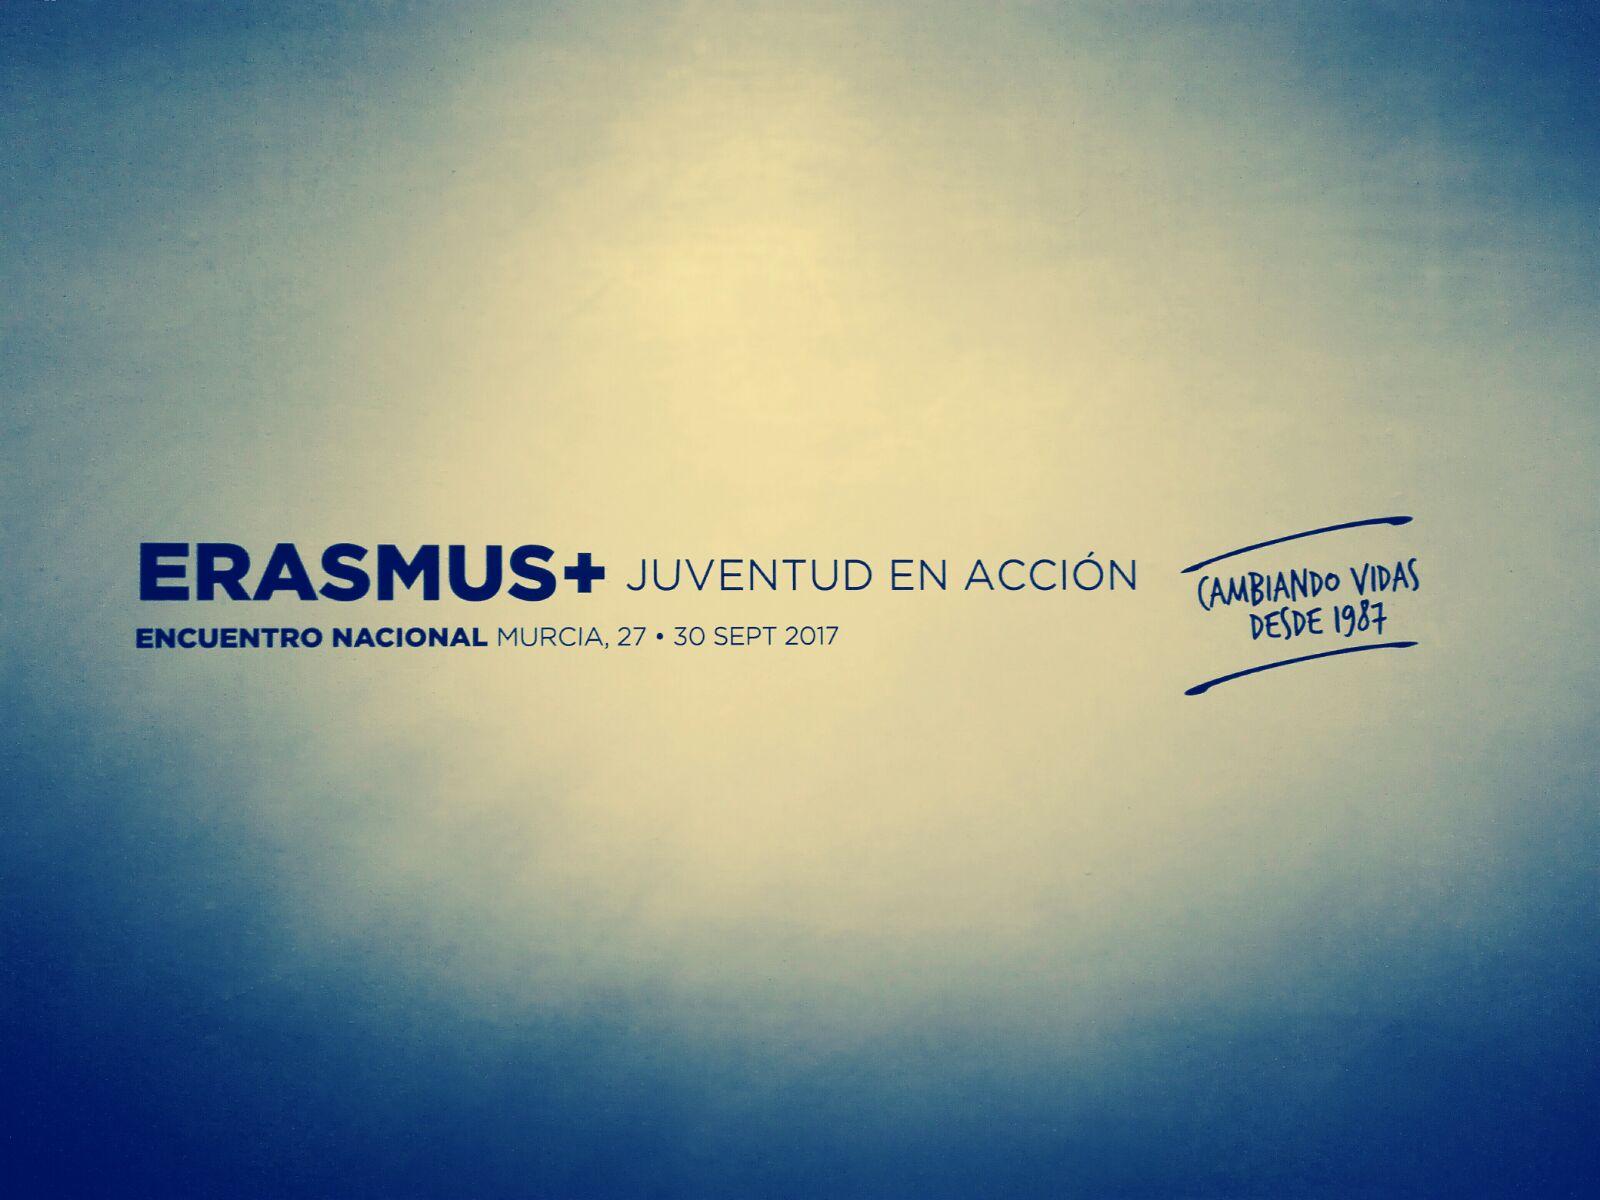 Colectivo Gentes en el 30 aniversario Erasmus+